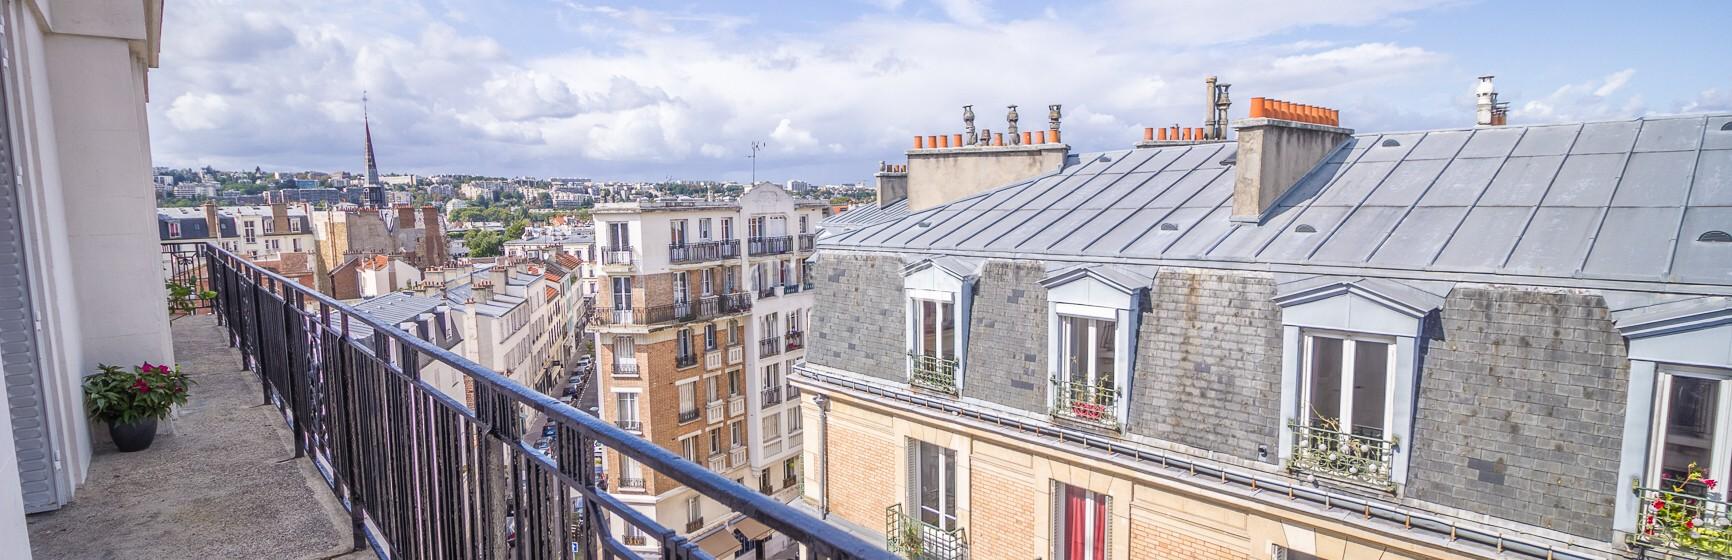 Commune Boulogne-Billancourt